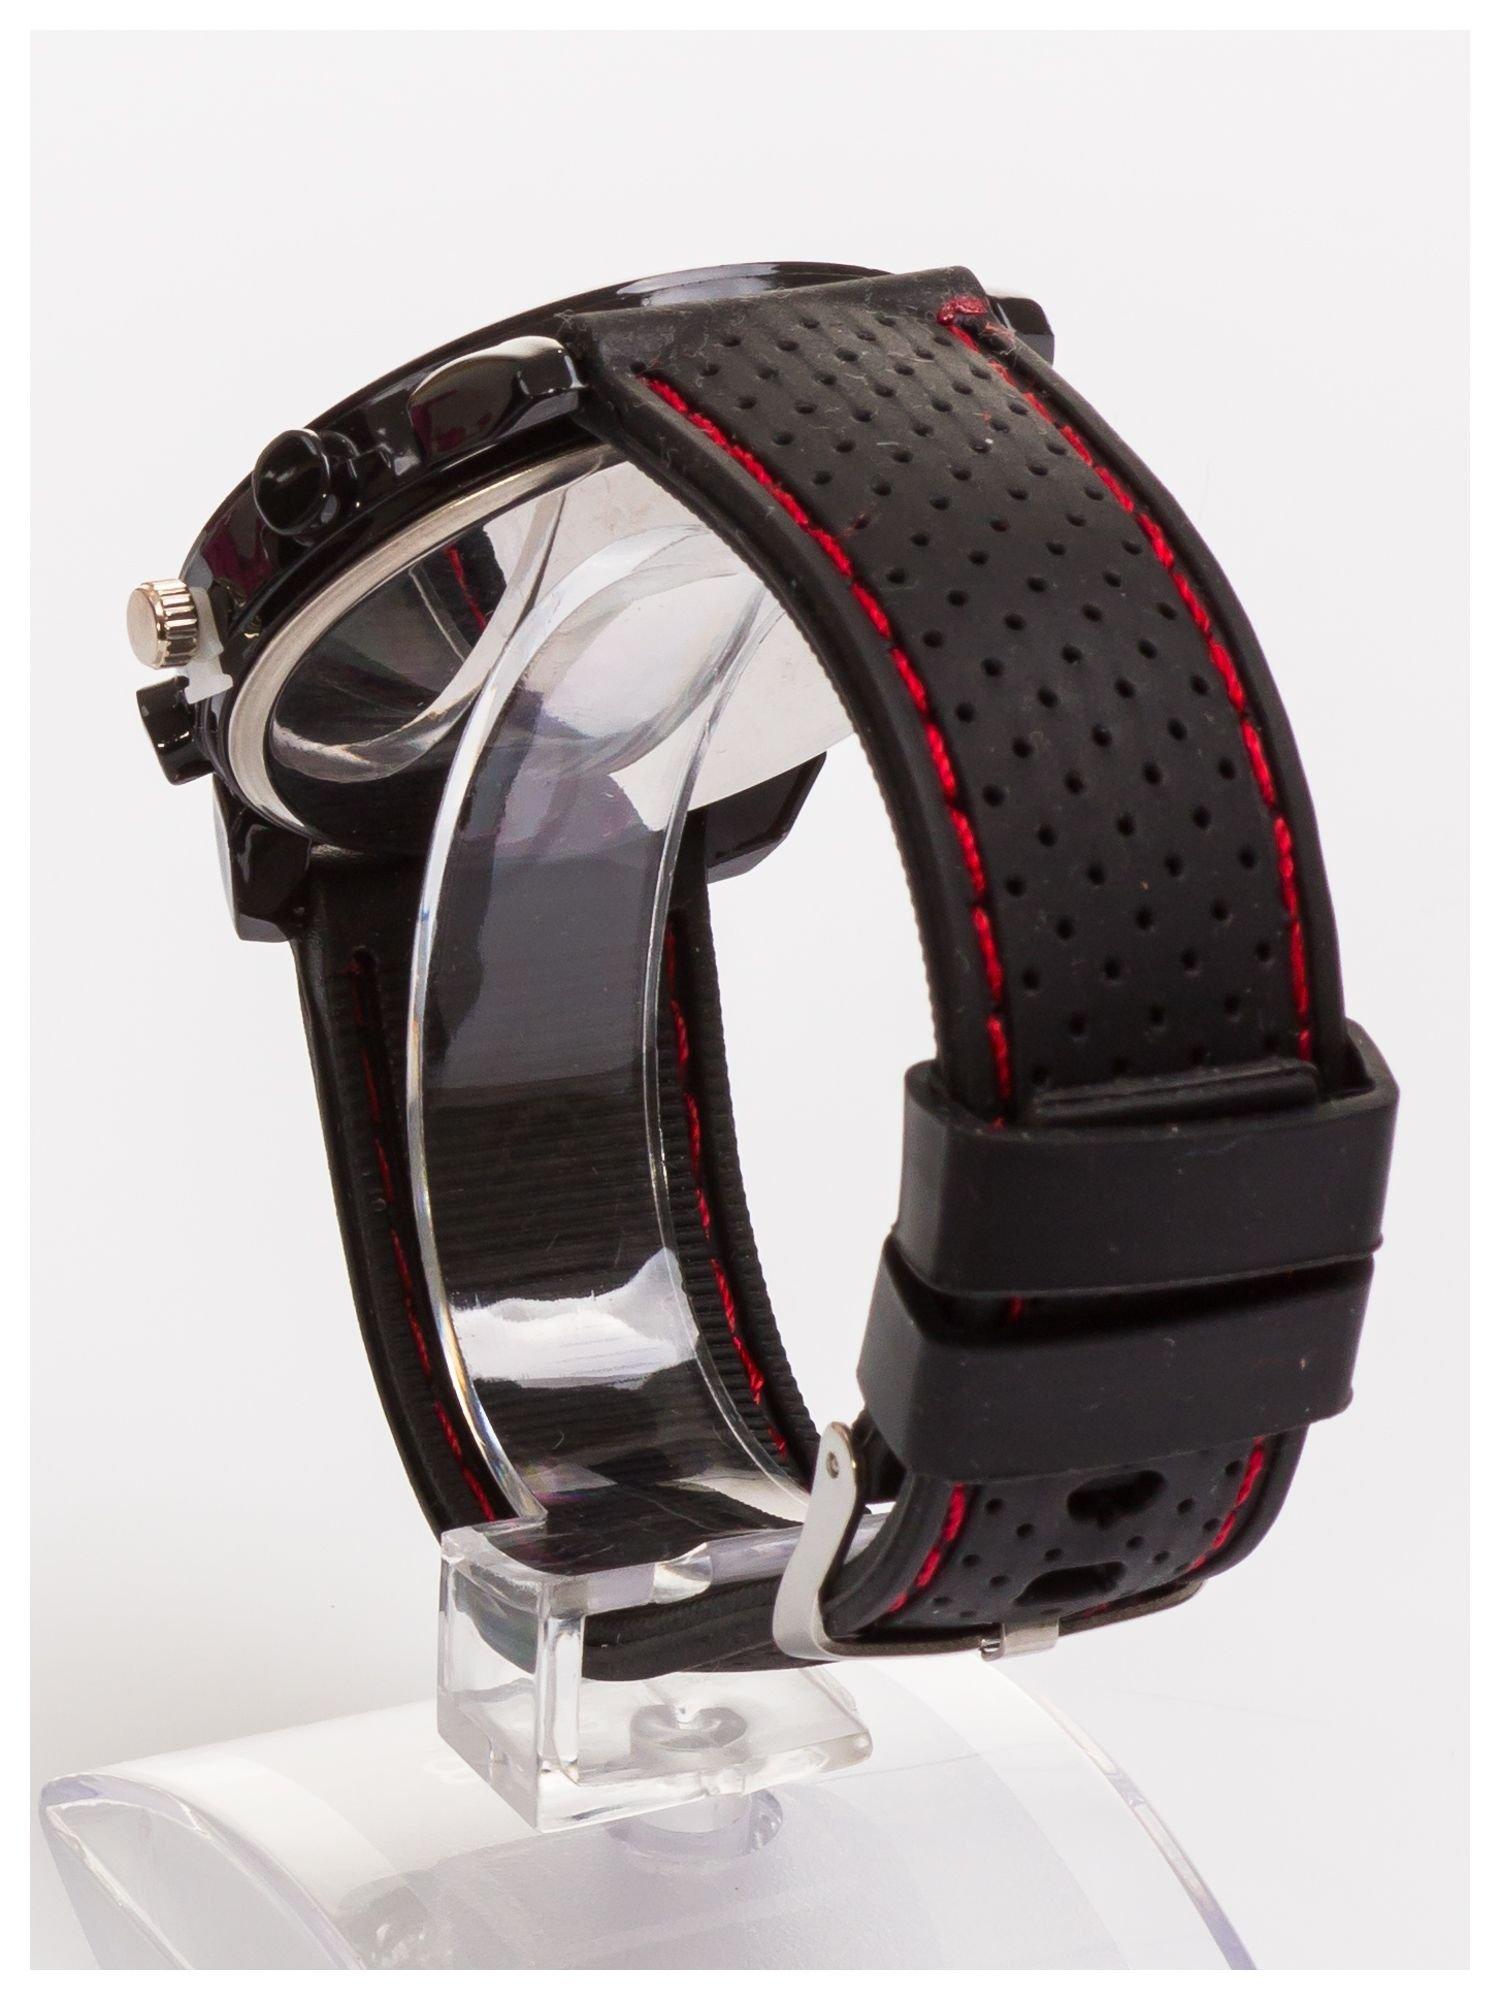 GT Świetny sportowy zegarek na wygodnym silikonowym pasku                                  zdj.                                  4